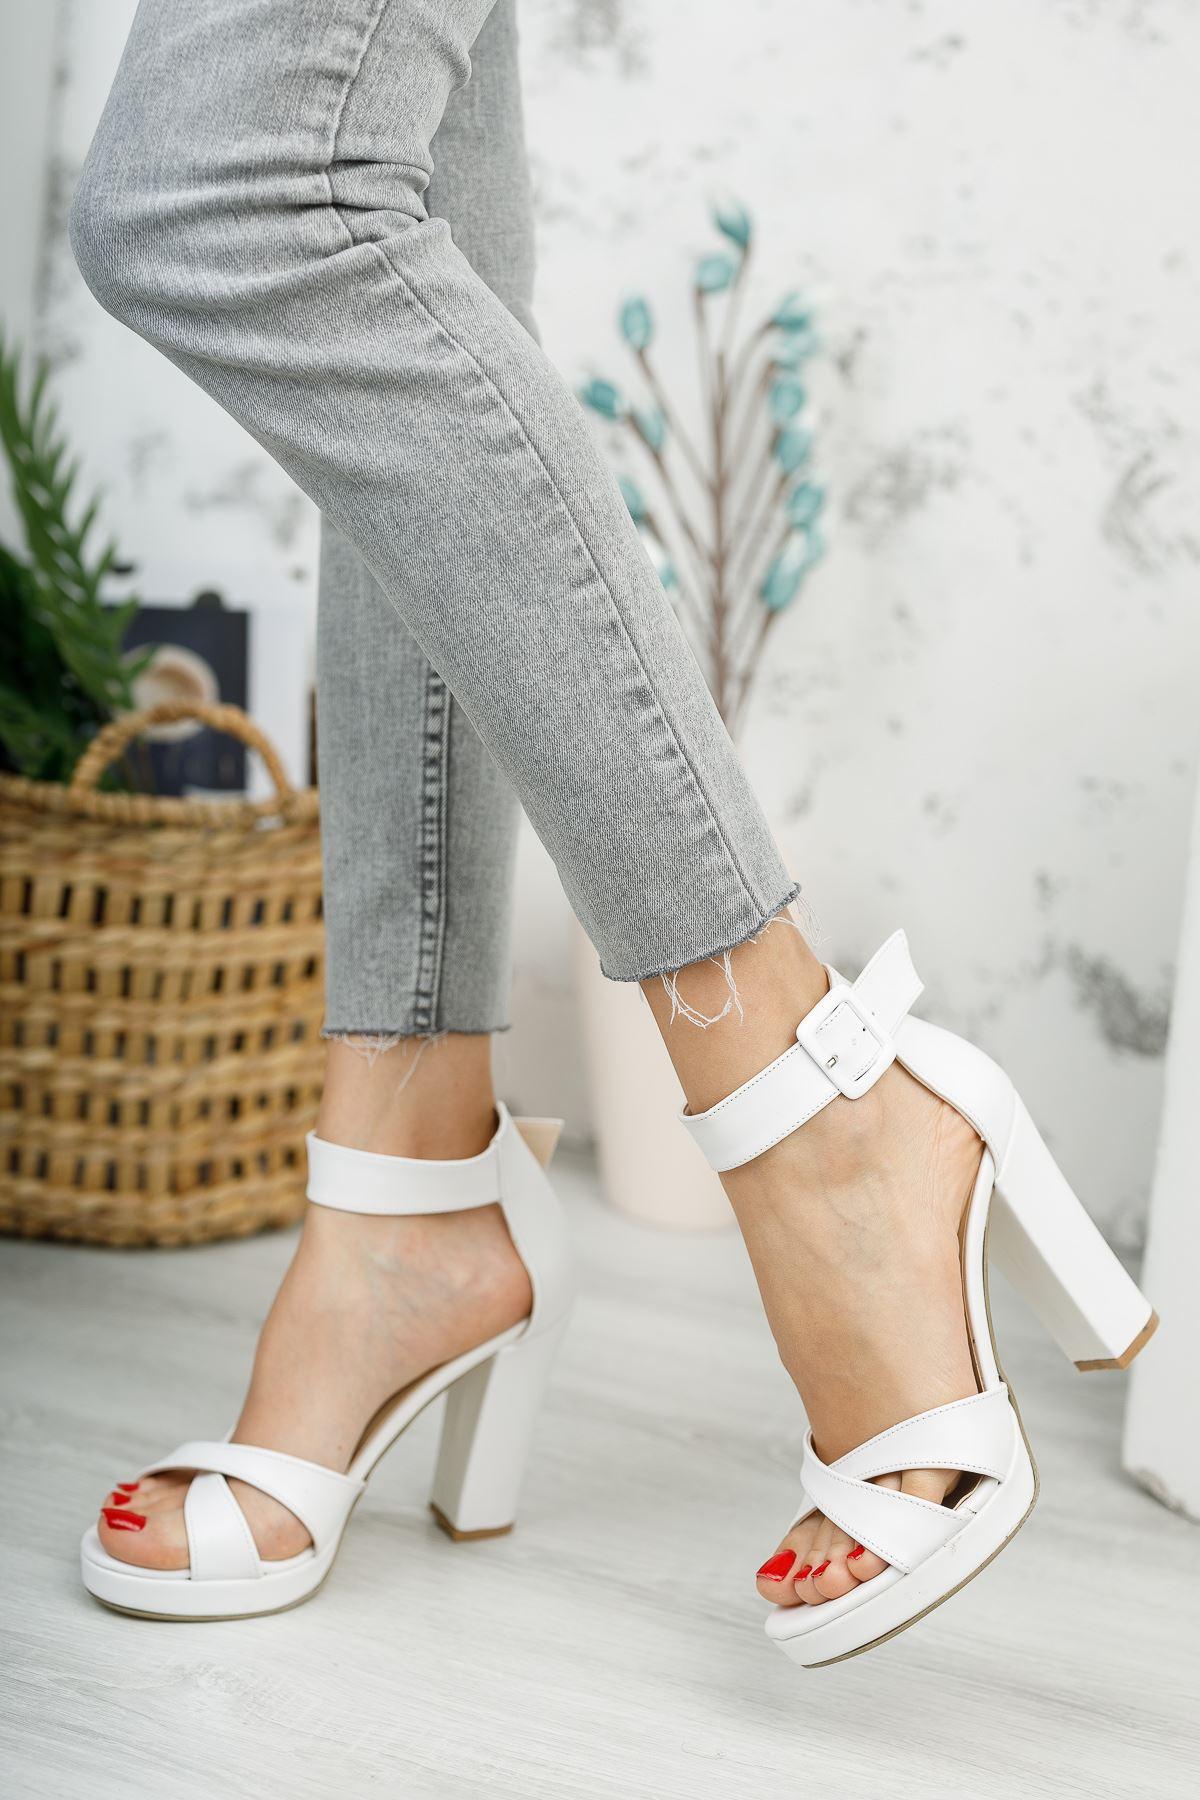 Kadın Loked Yüksek Topuklu Çapraz Bantlı Beyaz Mat Deri  Tek Bant Ayakkabı